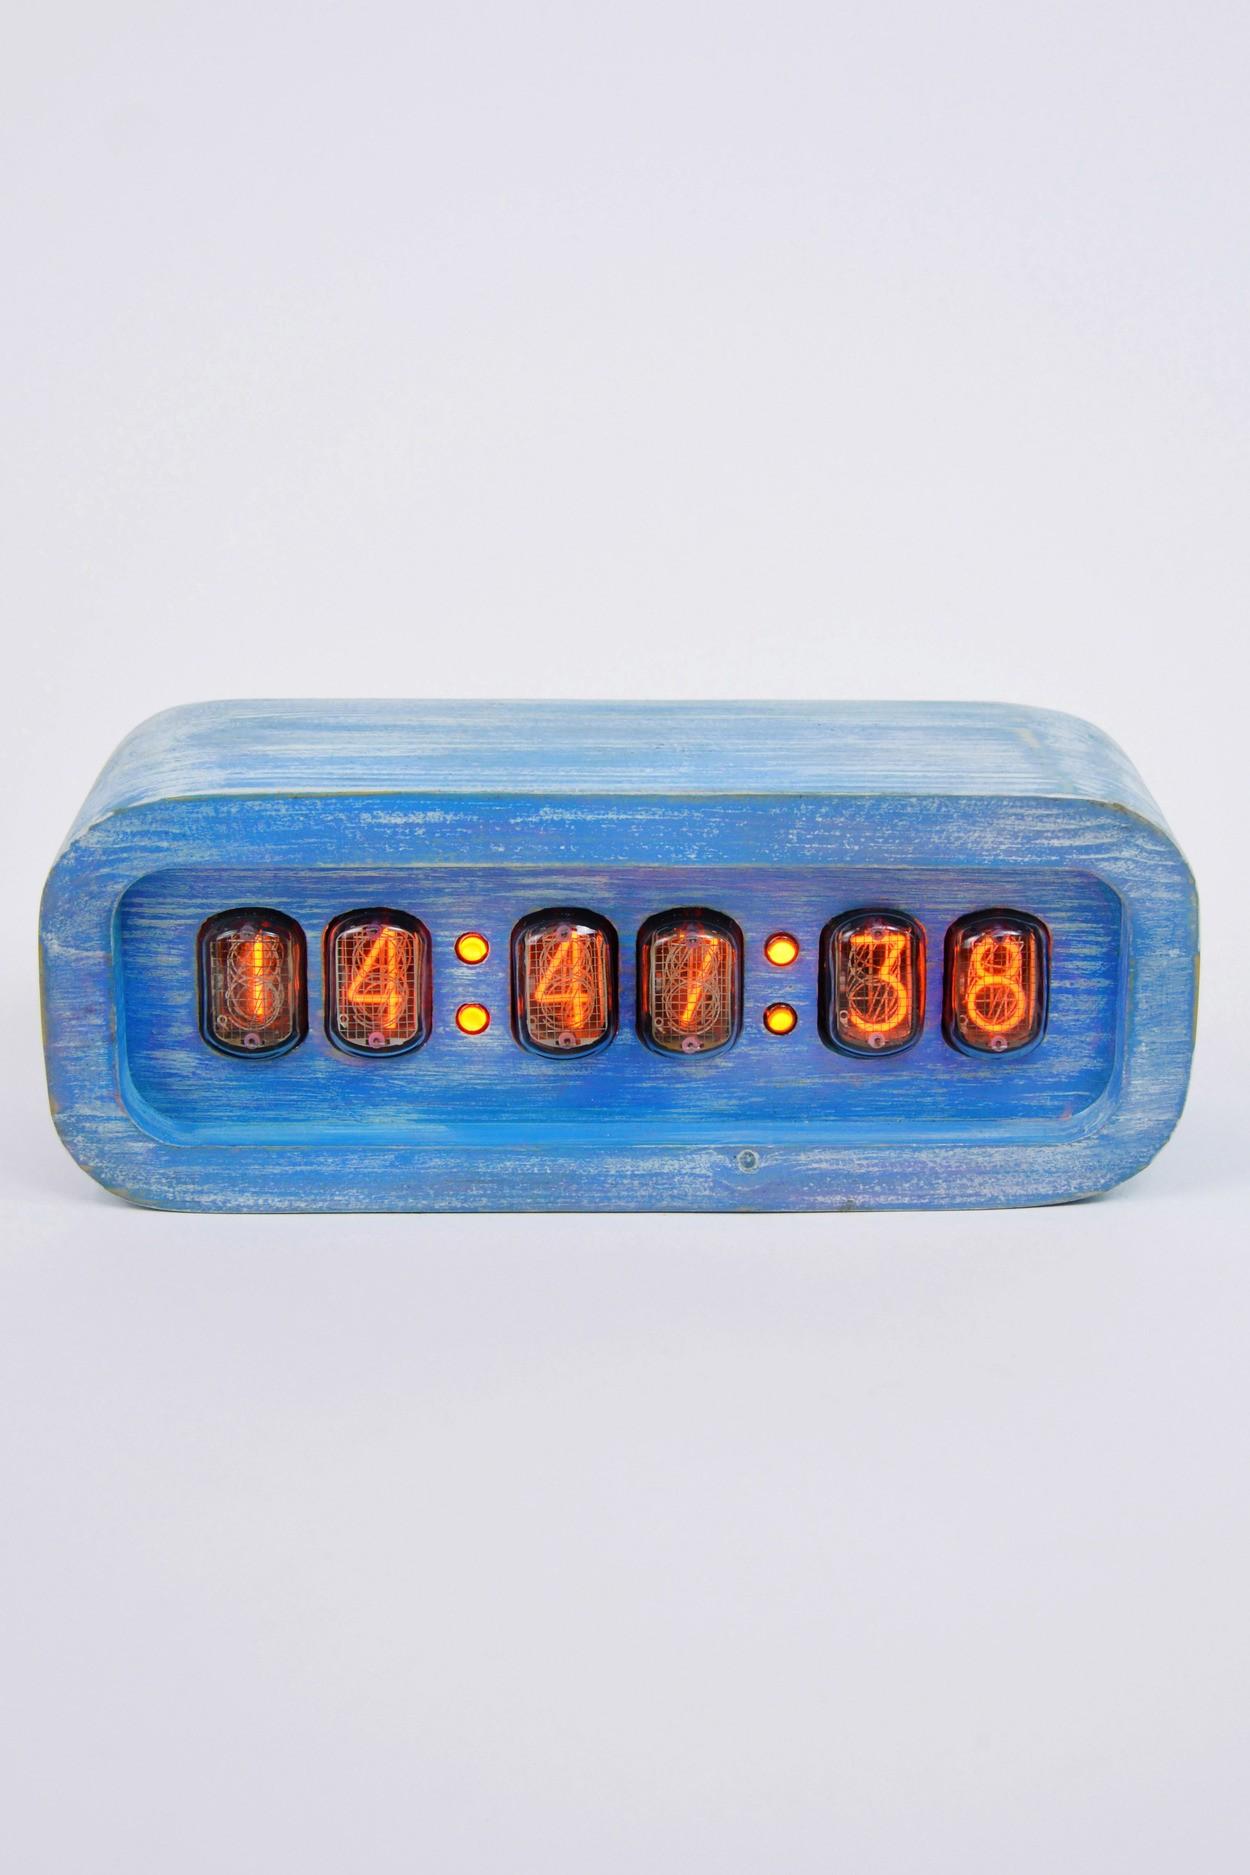 Часы на газоразрядных индикаторах - деревянные (голубые)